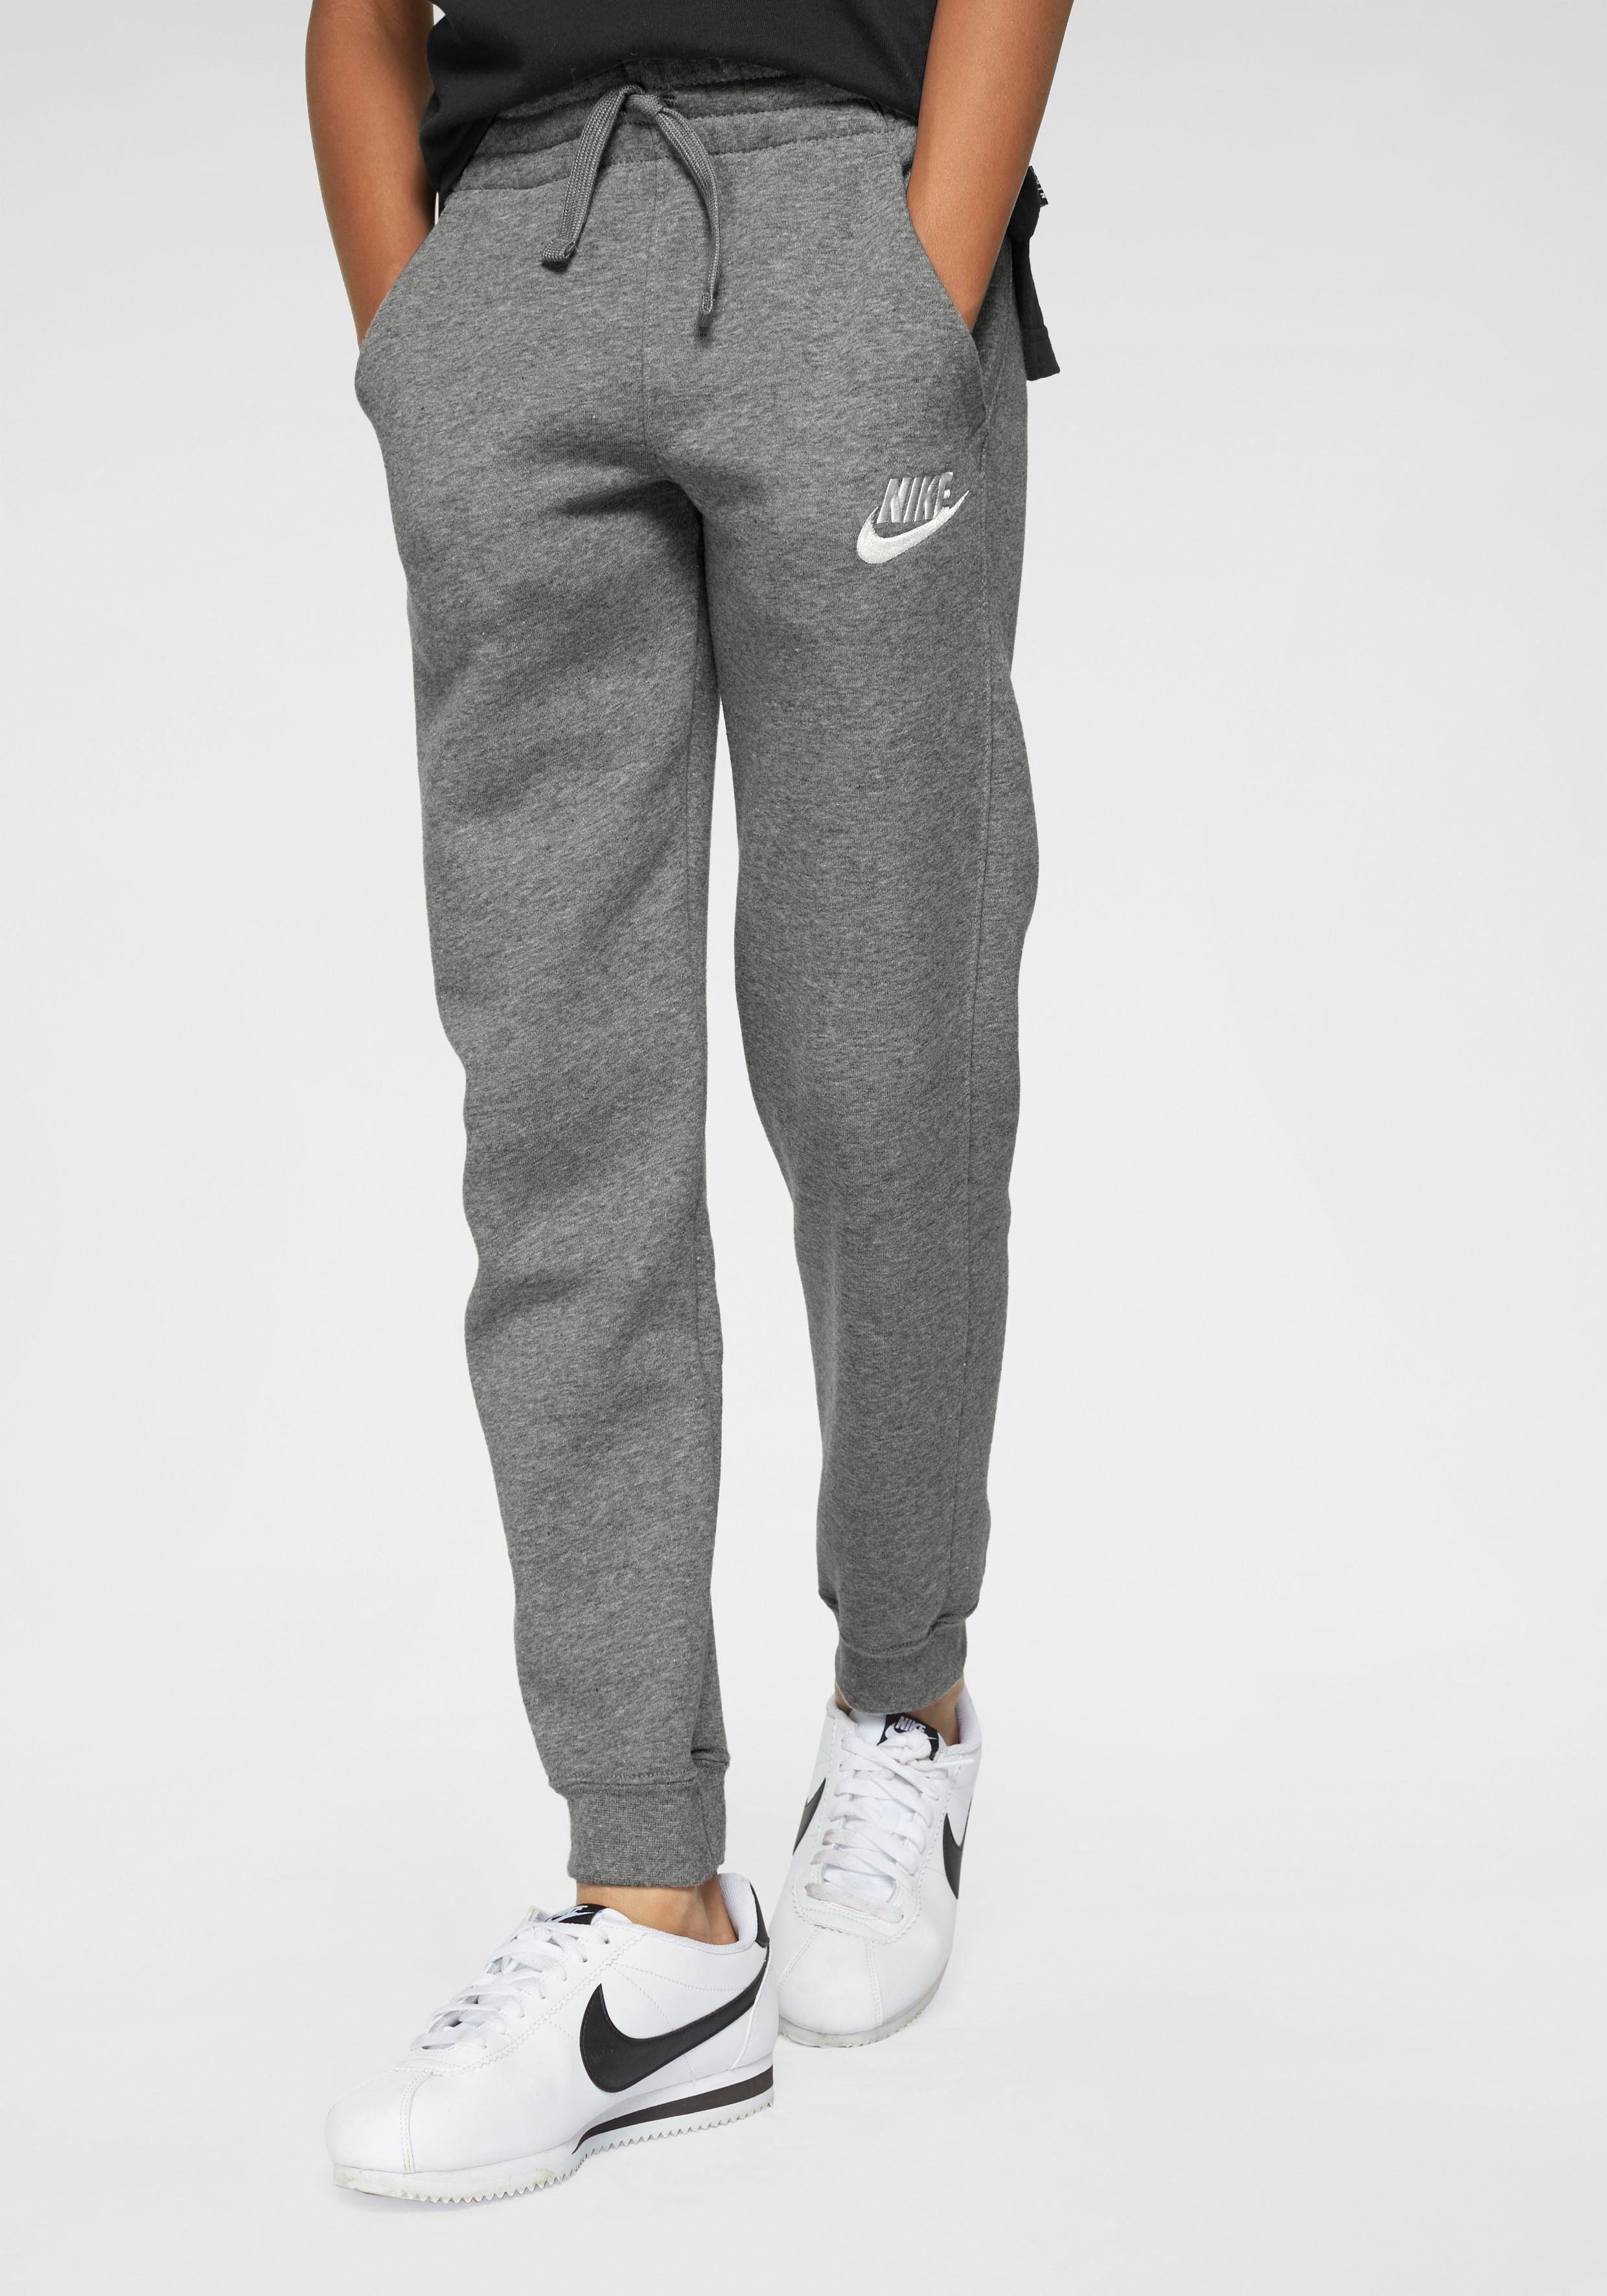 Nike Sportswear Jogginghose »BOYS NIKE SPORTSWEAR CLUB FLEECE JOGGER PANT« online kaufen | OTTO